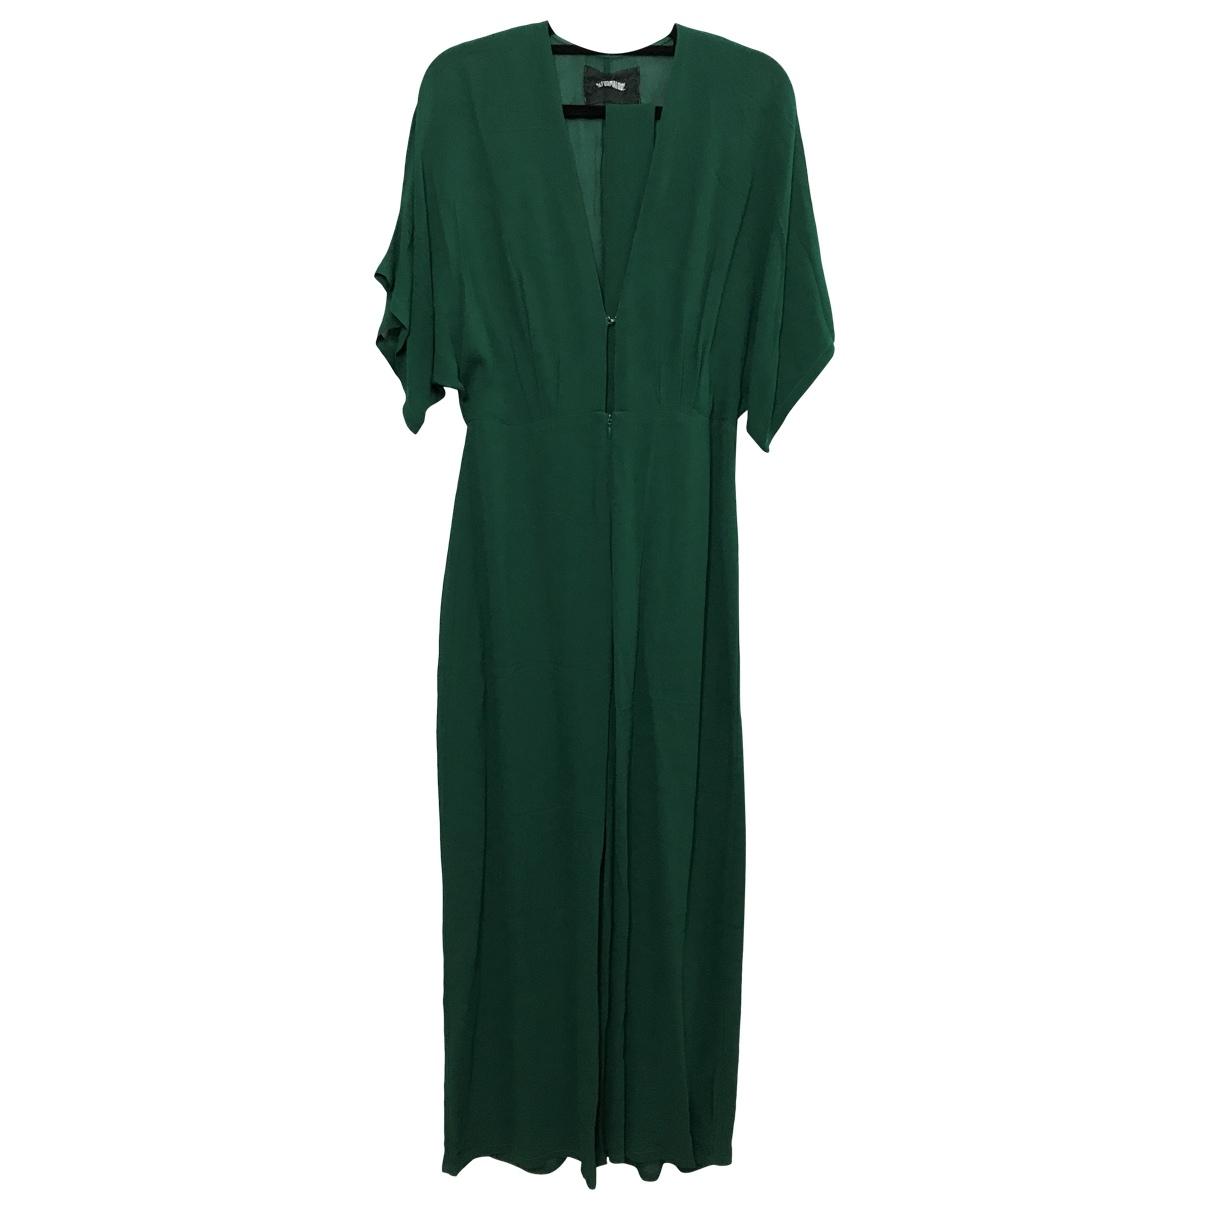 Reformation - Combinaison   pour femme - vert